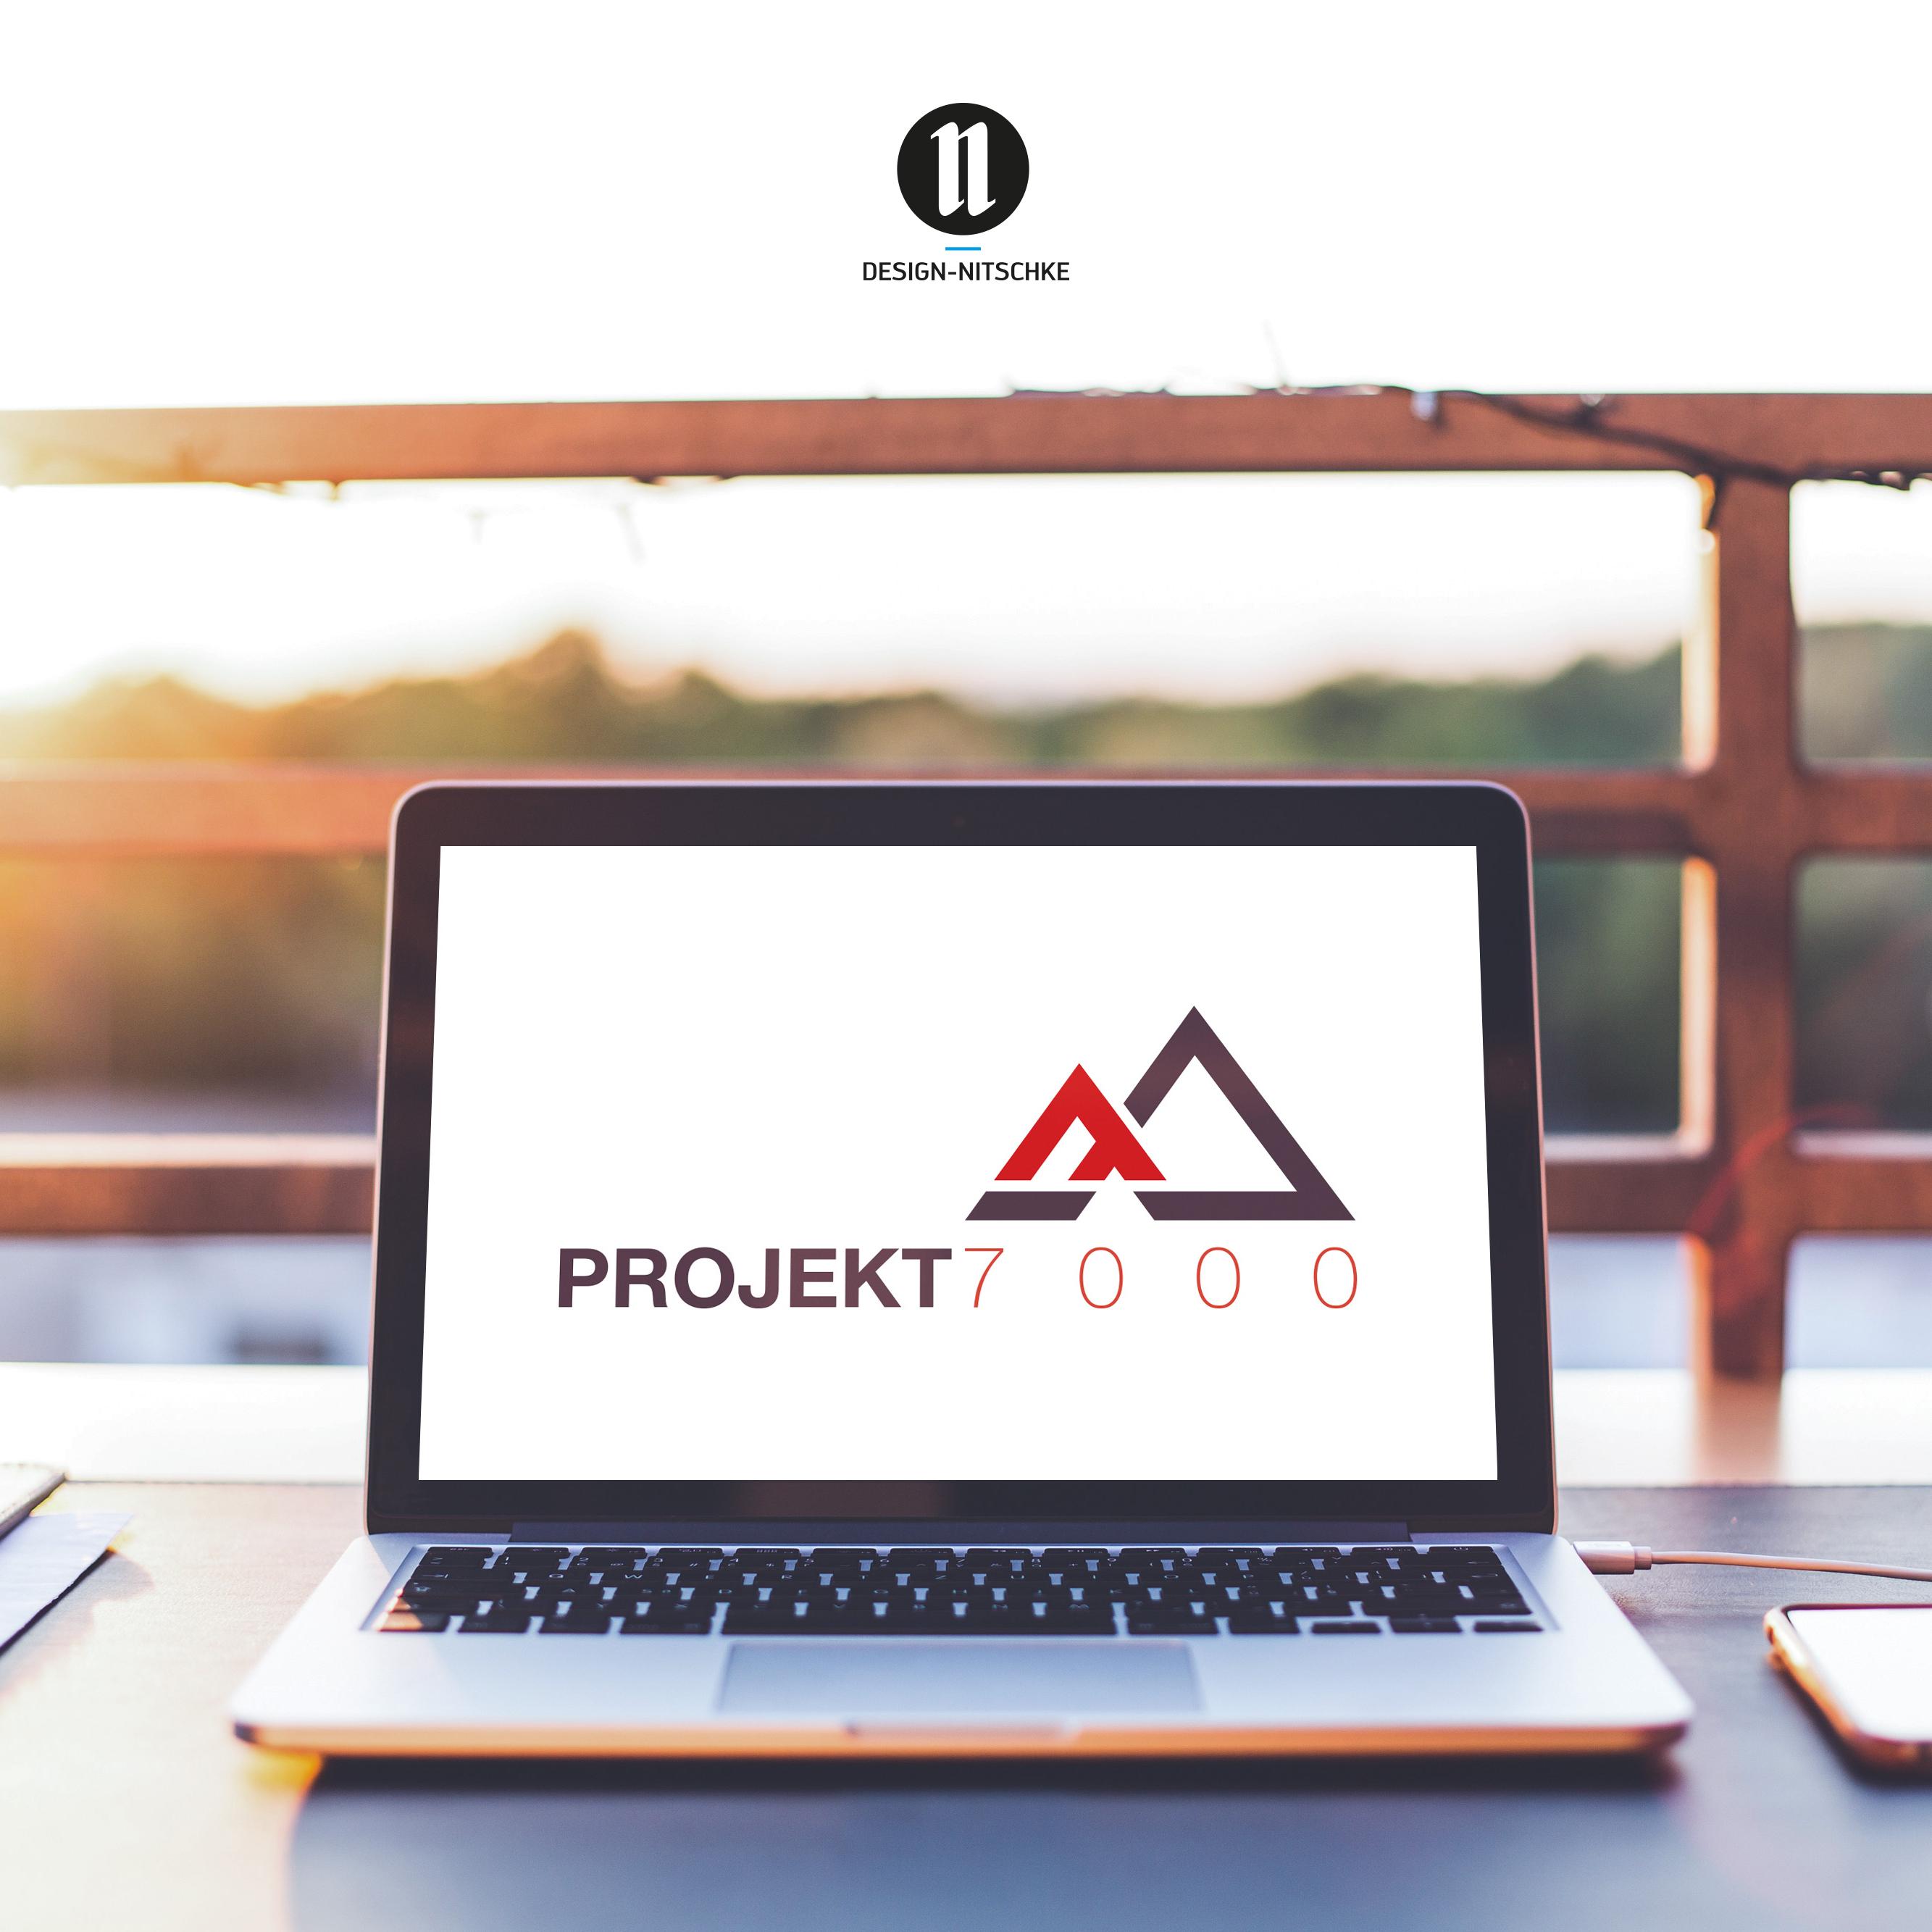 ci_logo_oranienburg_design_werbeagentur_nitschke_weigel_projekt7000_torsten.jpg